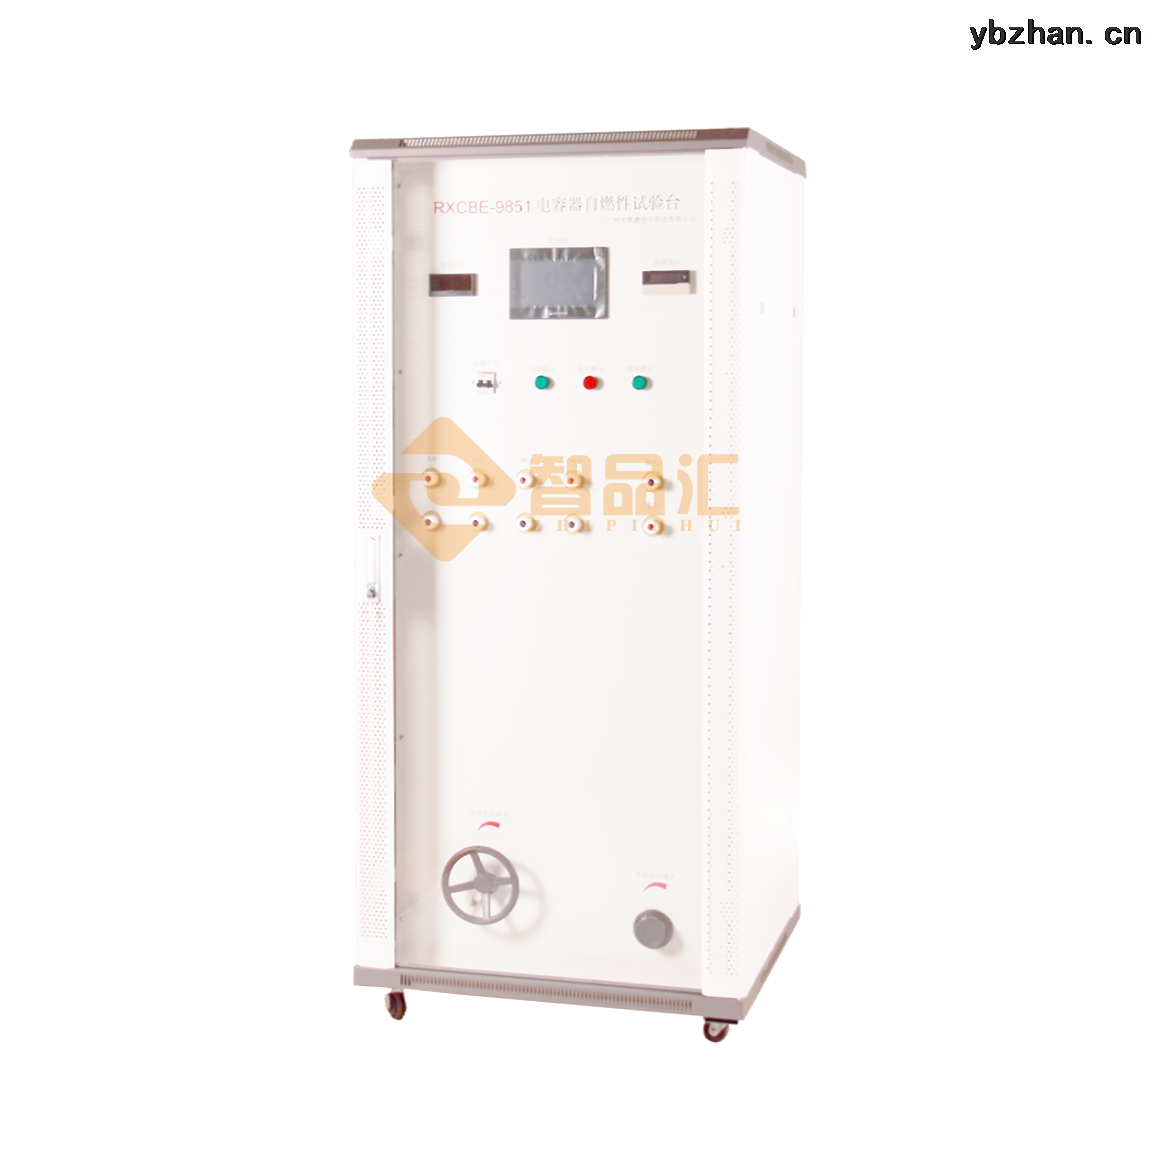 智品汇RX-CBE9851 脉冲电容器自燃试验设备